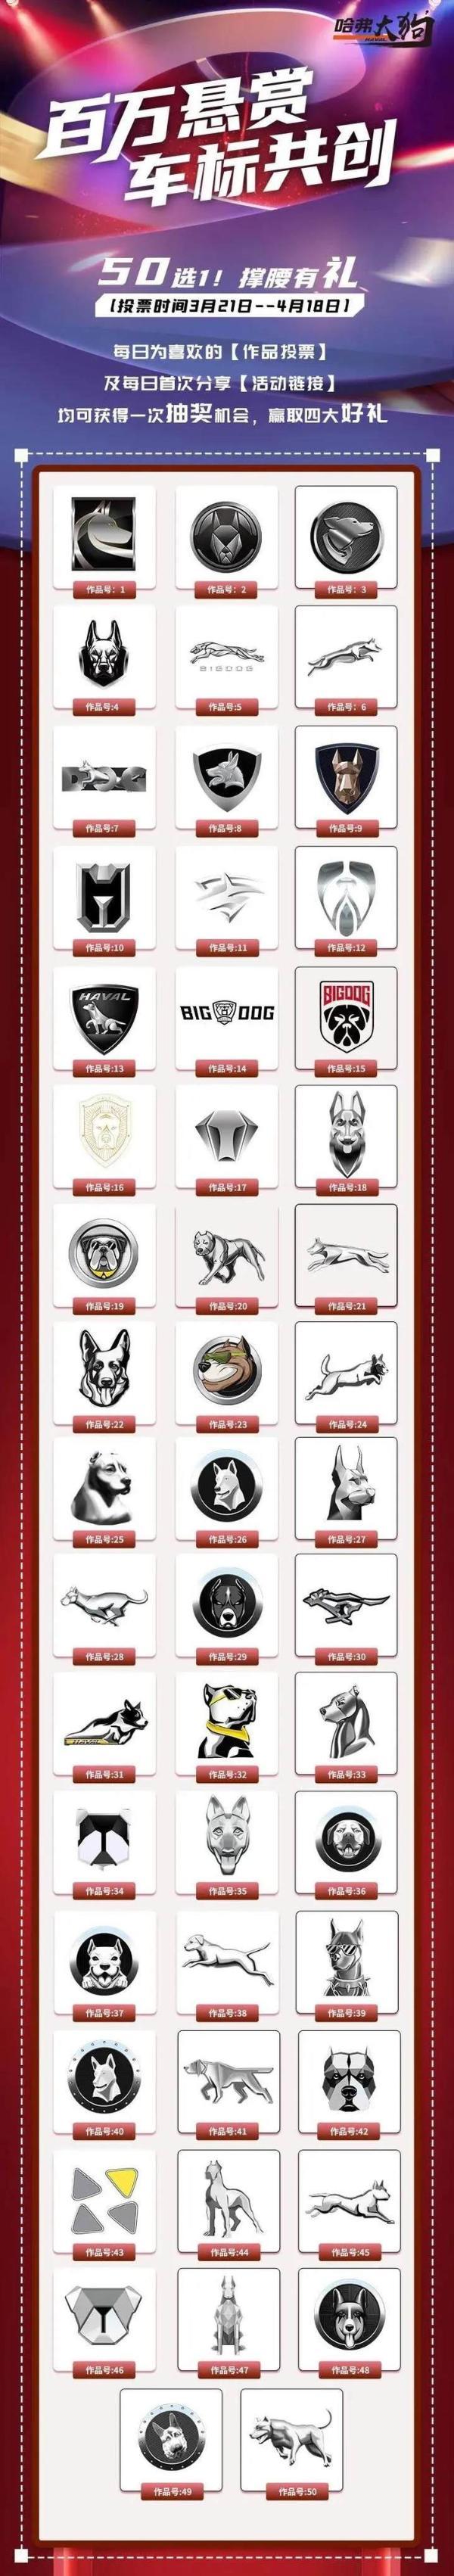 哈弗大狗将更换品牌标识 有望上海车展期间公布新LOGO